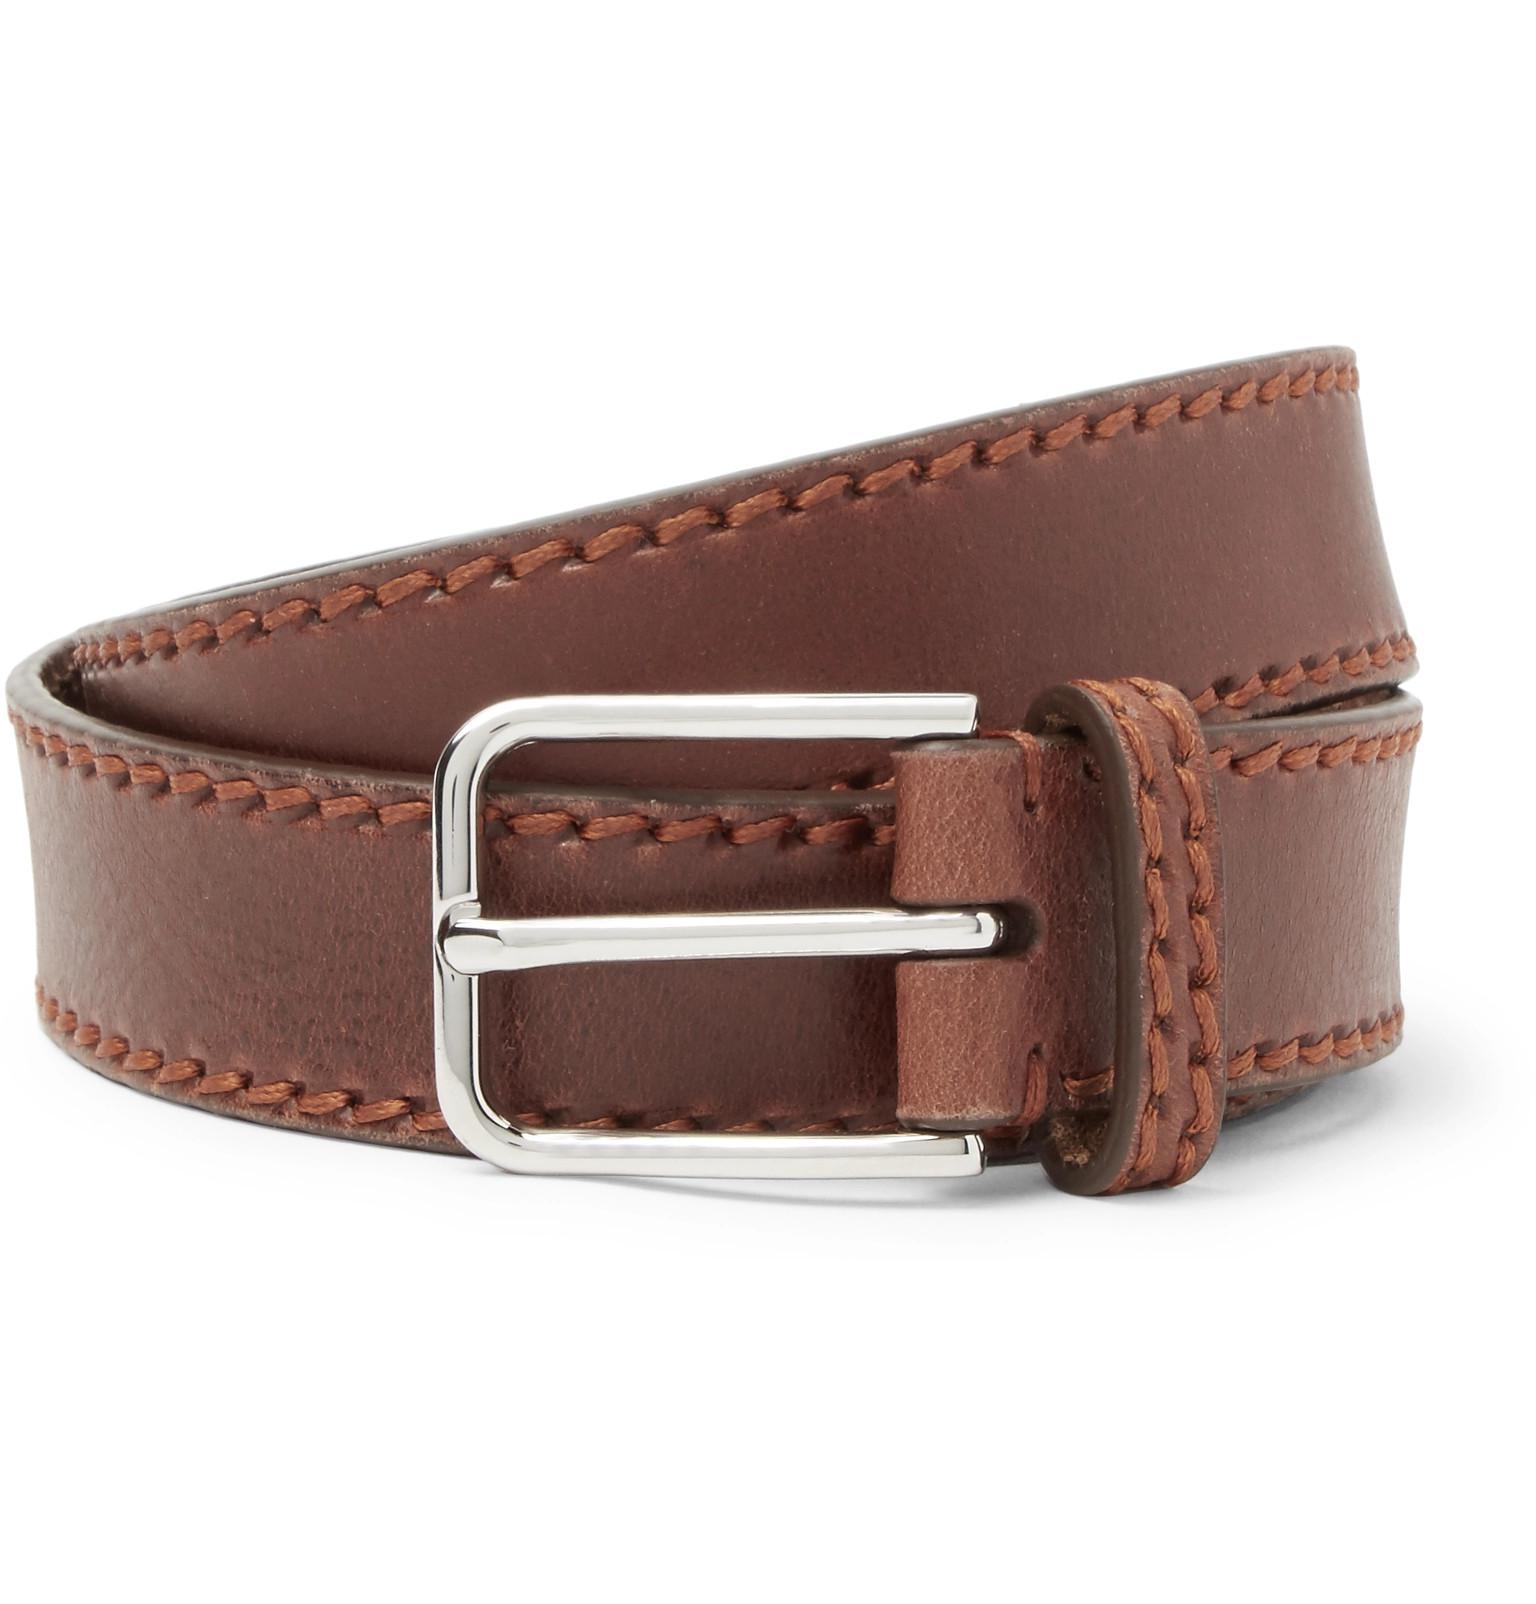 + Jean Shop Statesman 4cm Brown Leather Western Belt Kingsman hMwxP